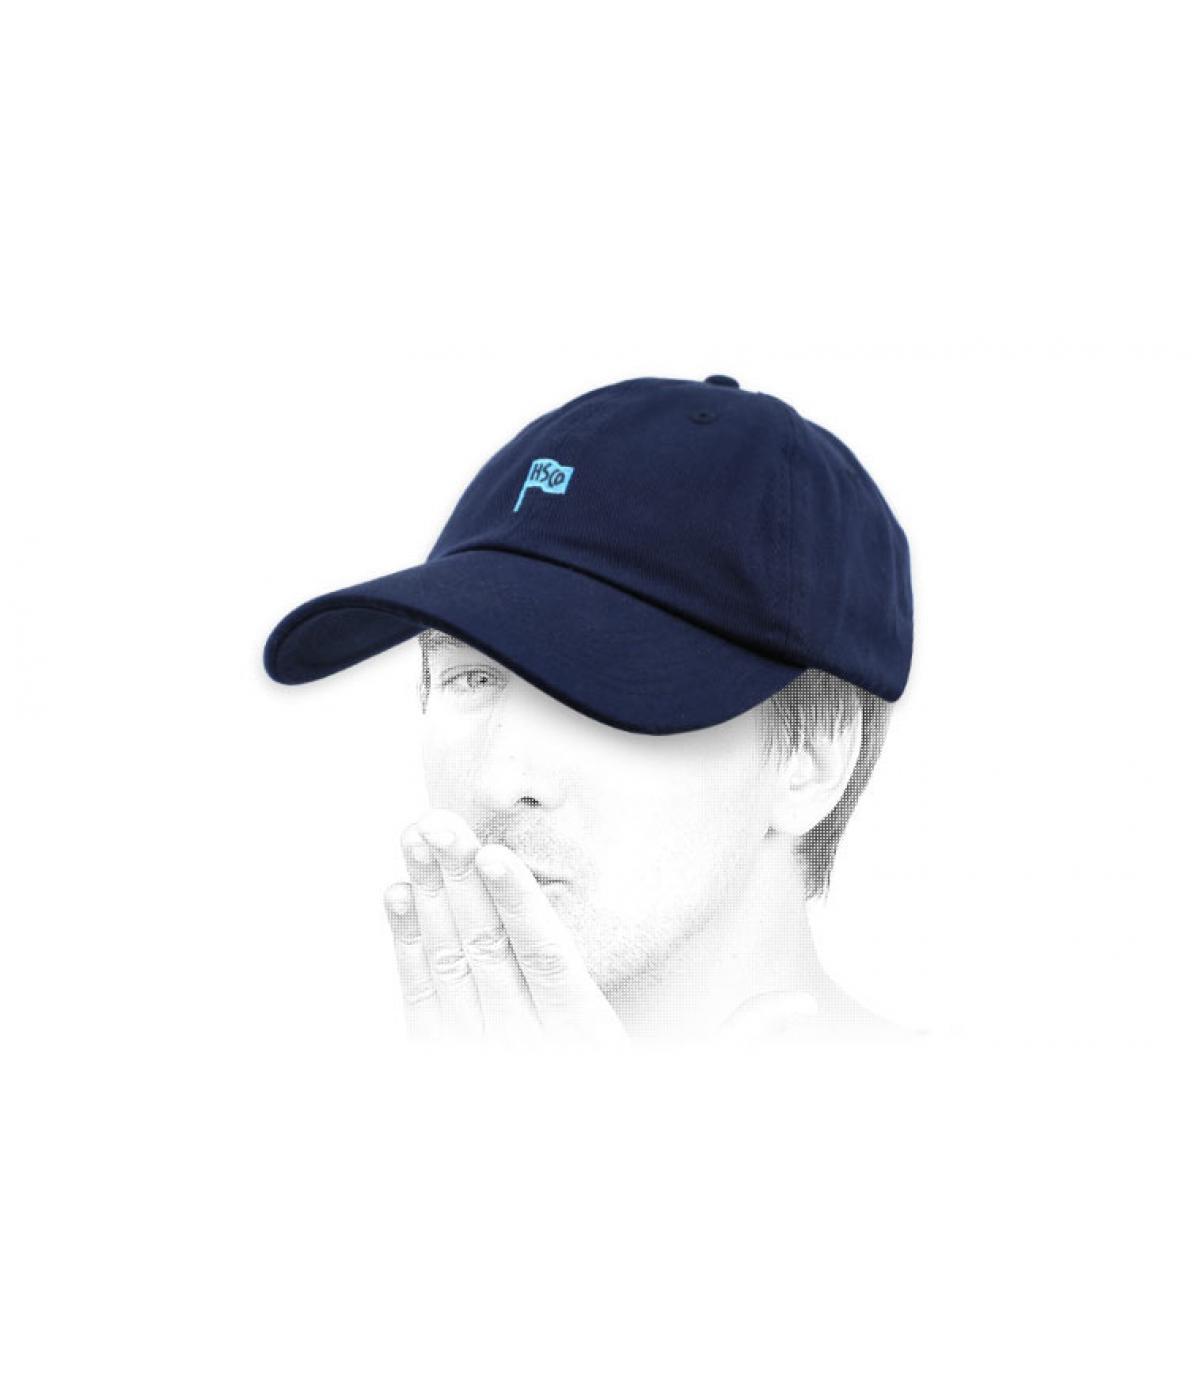 casquette curve Herschel bleu